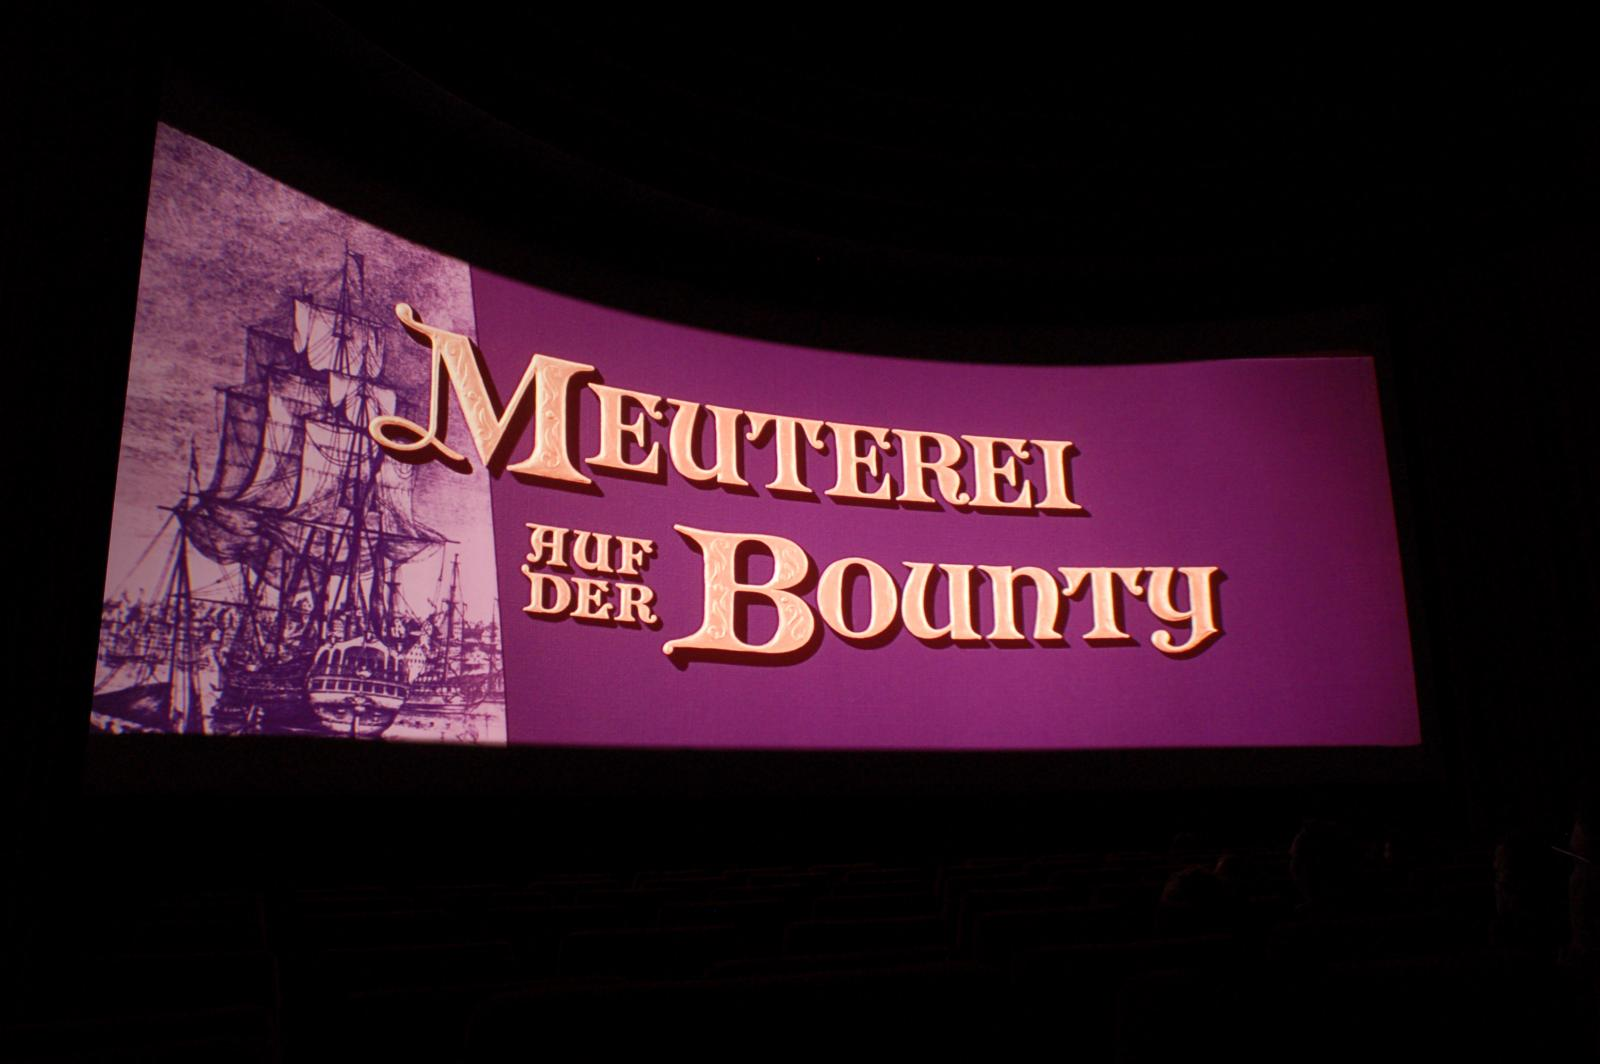 Meuterei auf der Bounty (1962) in Ultra-Panavision